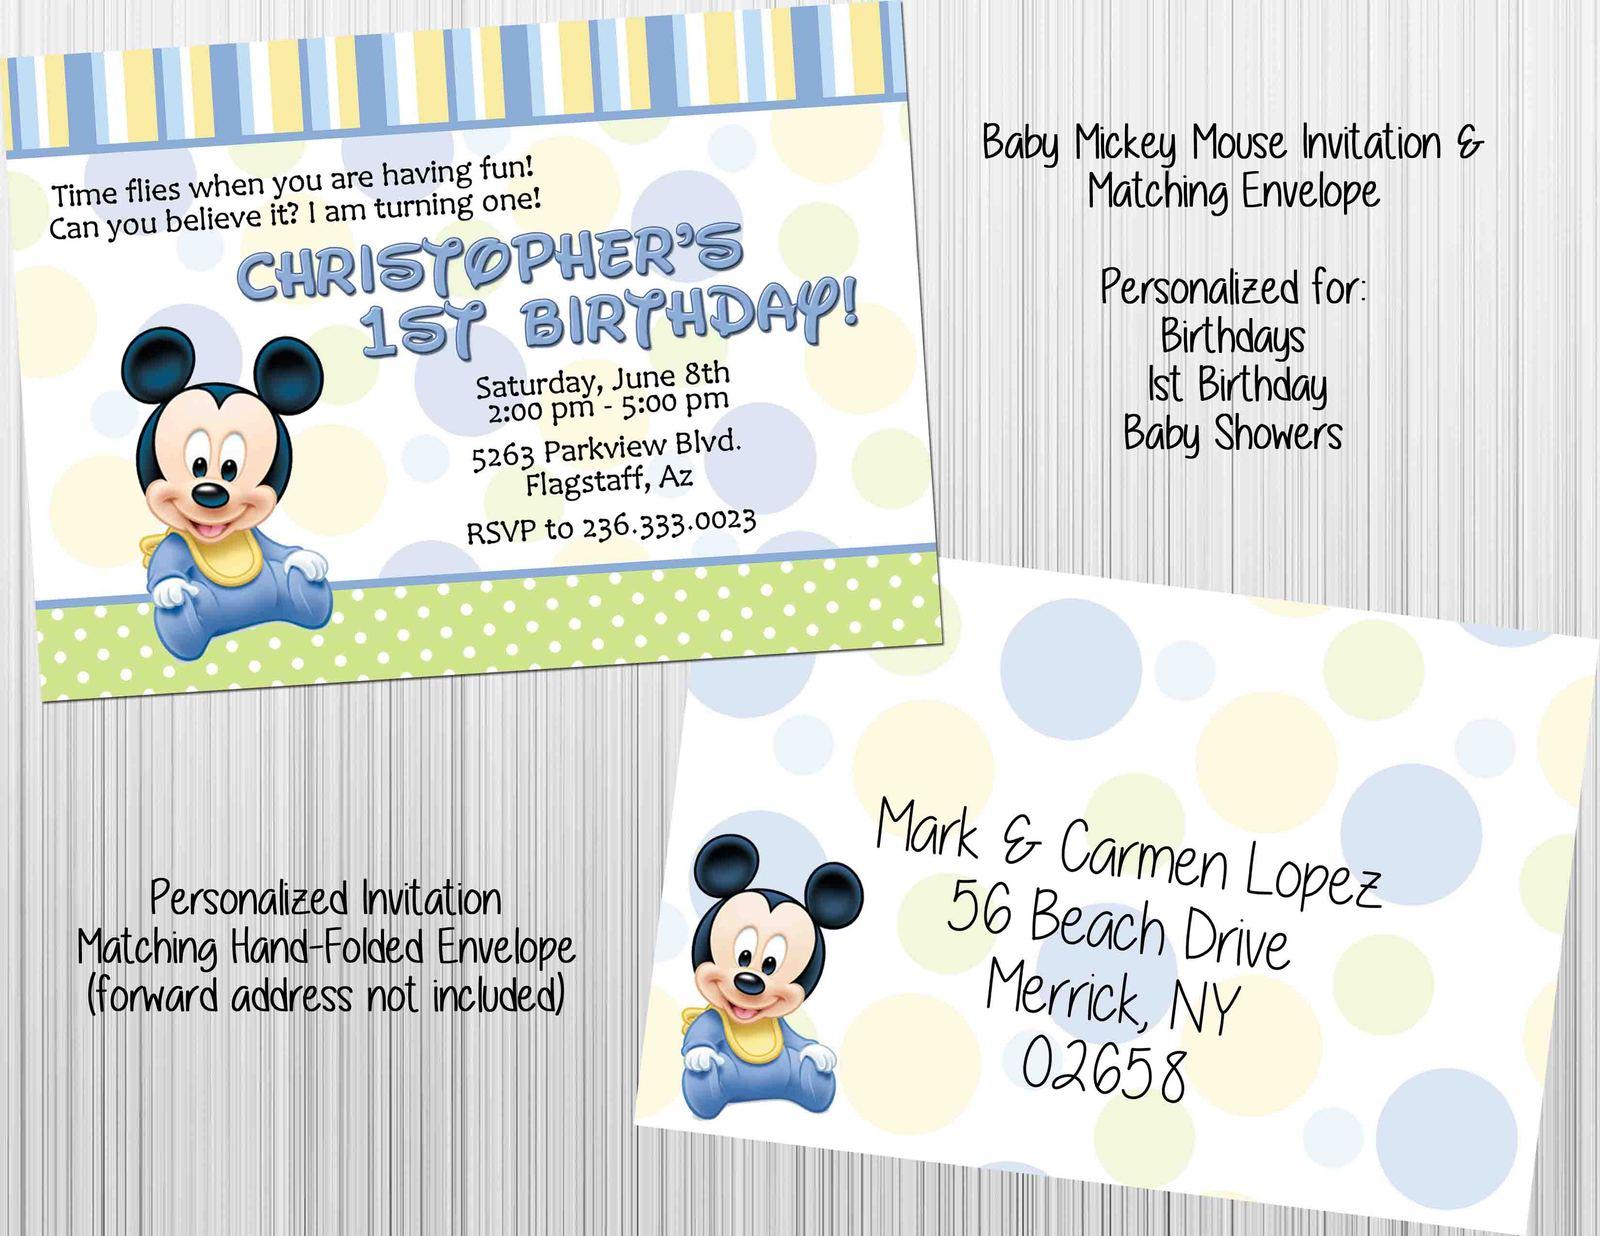 baby mickey mouse invitation set envelopes birthday baby shower